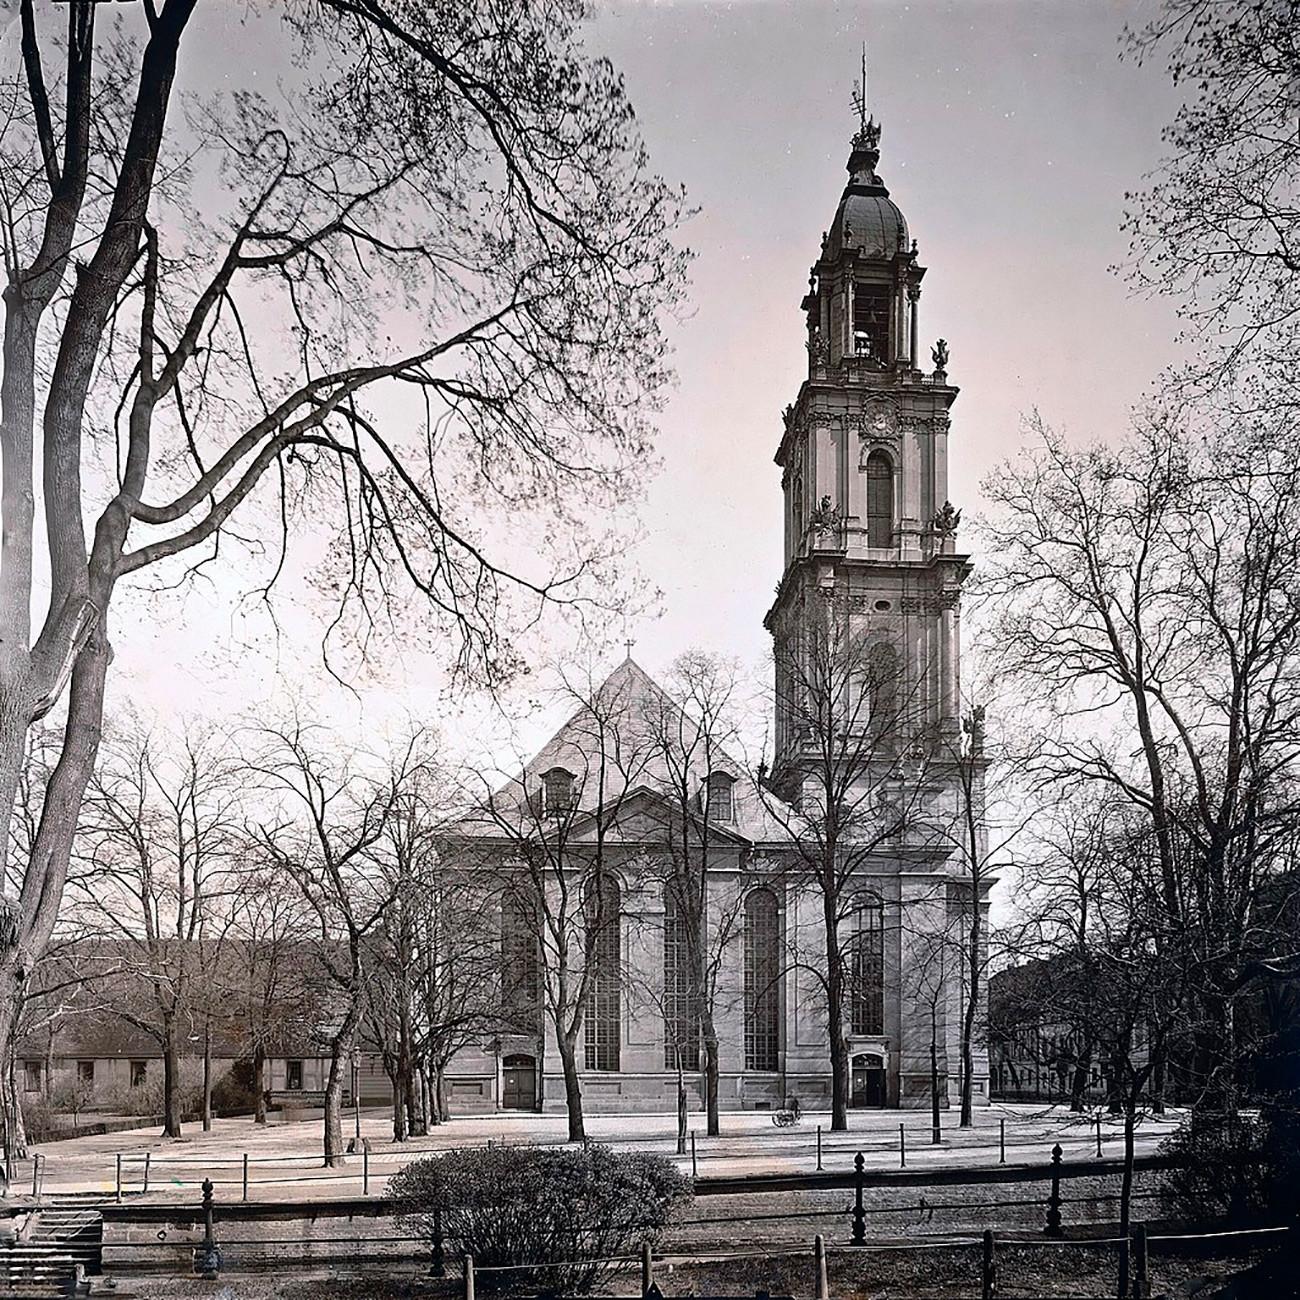 Гарнизонная церковь в Потсдаме. Существовала до 1968 года.